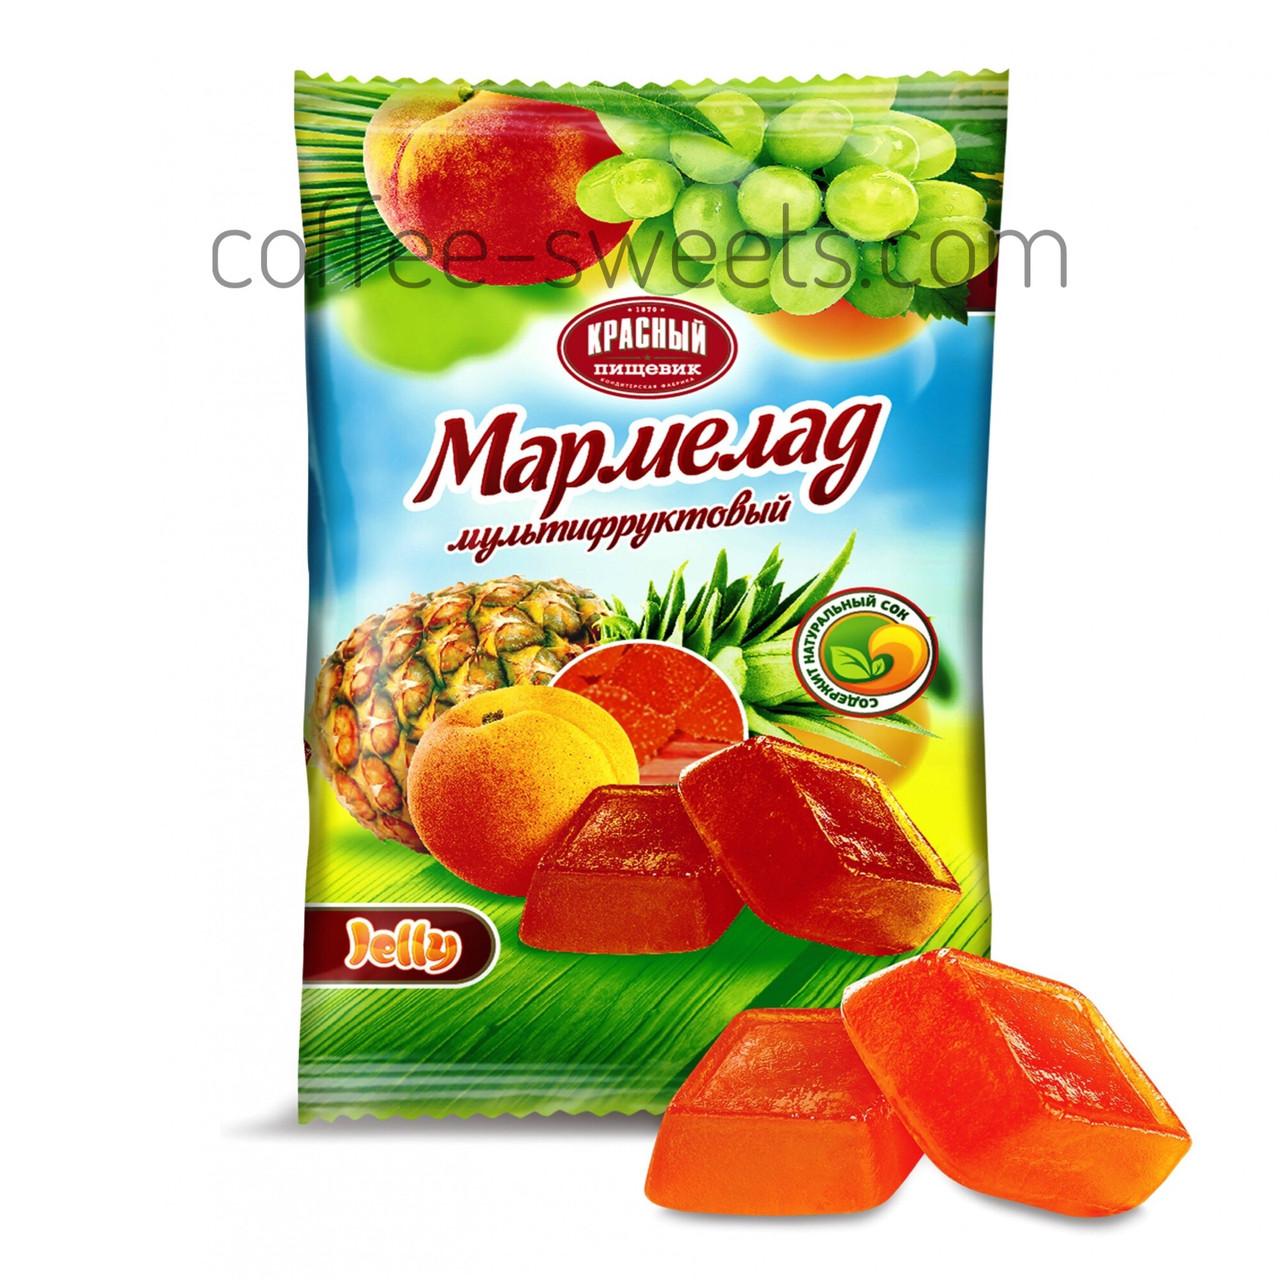 Мармелад мультифруктовый Красный пищевик  300 гр